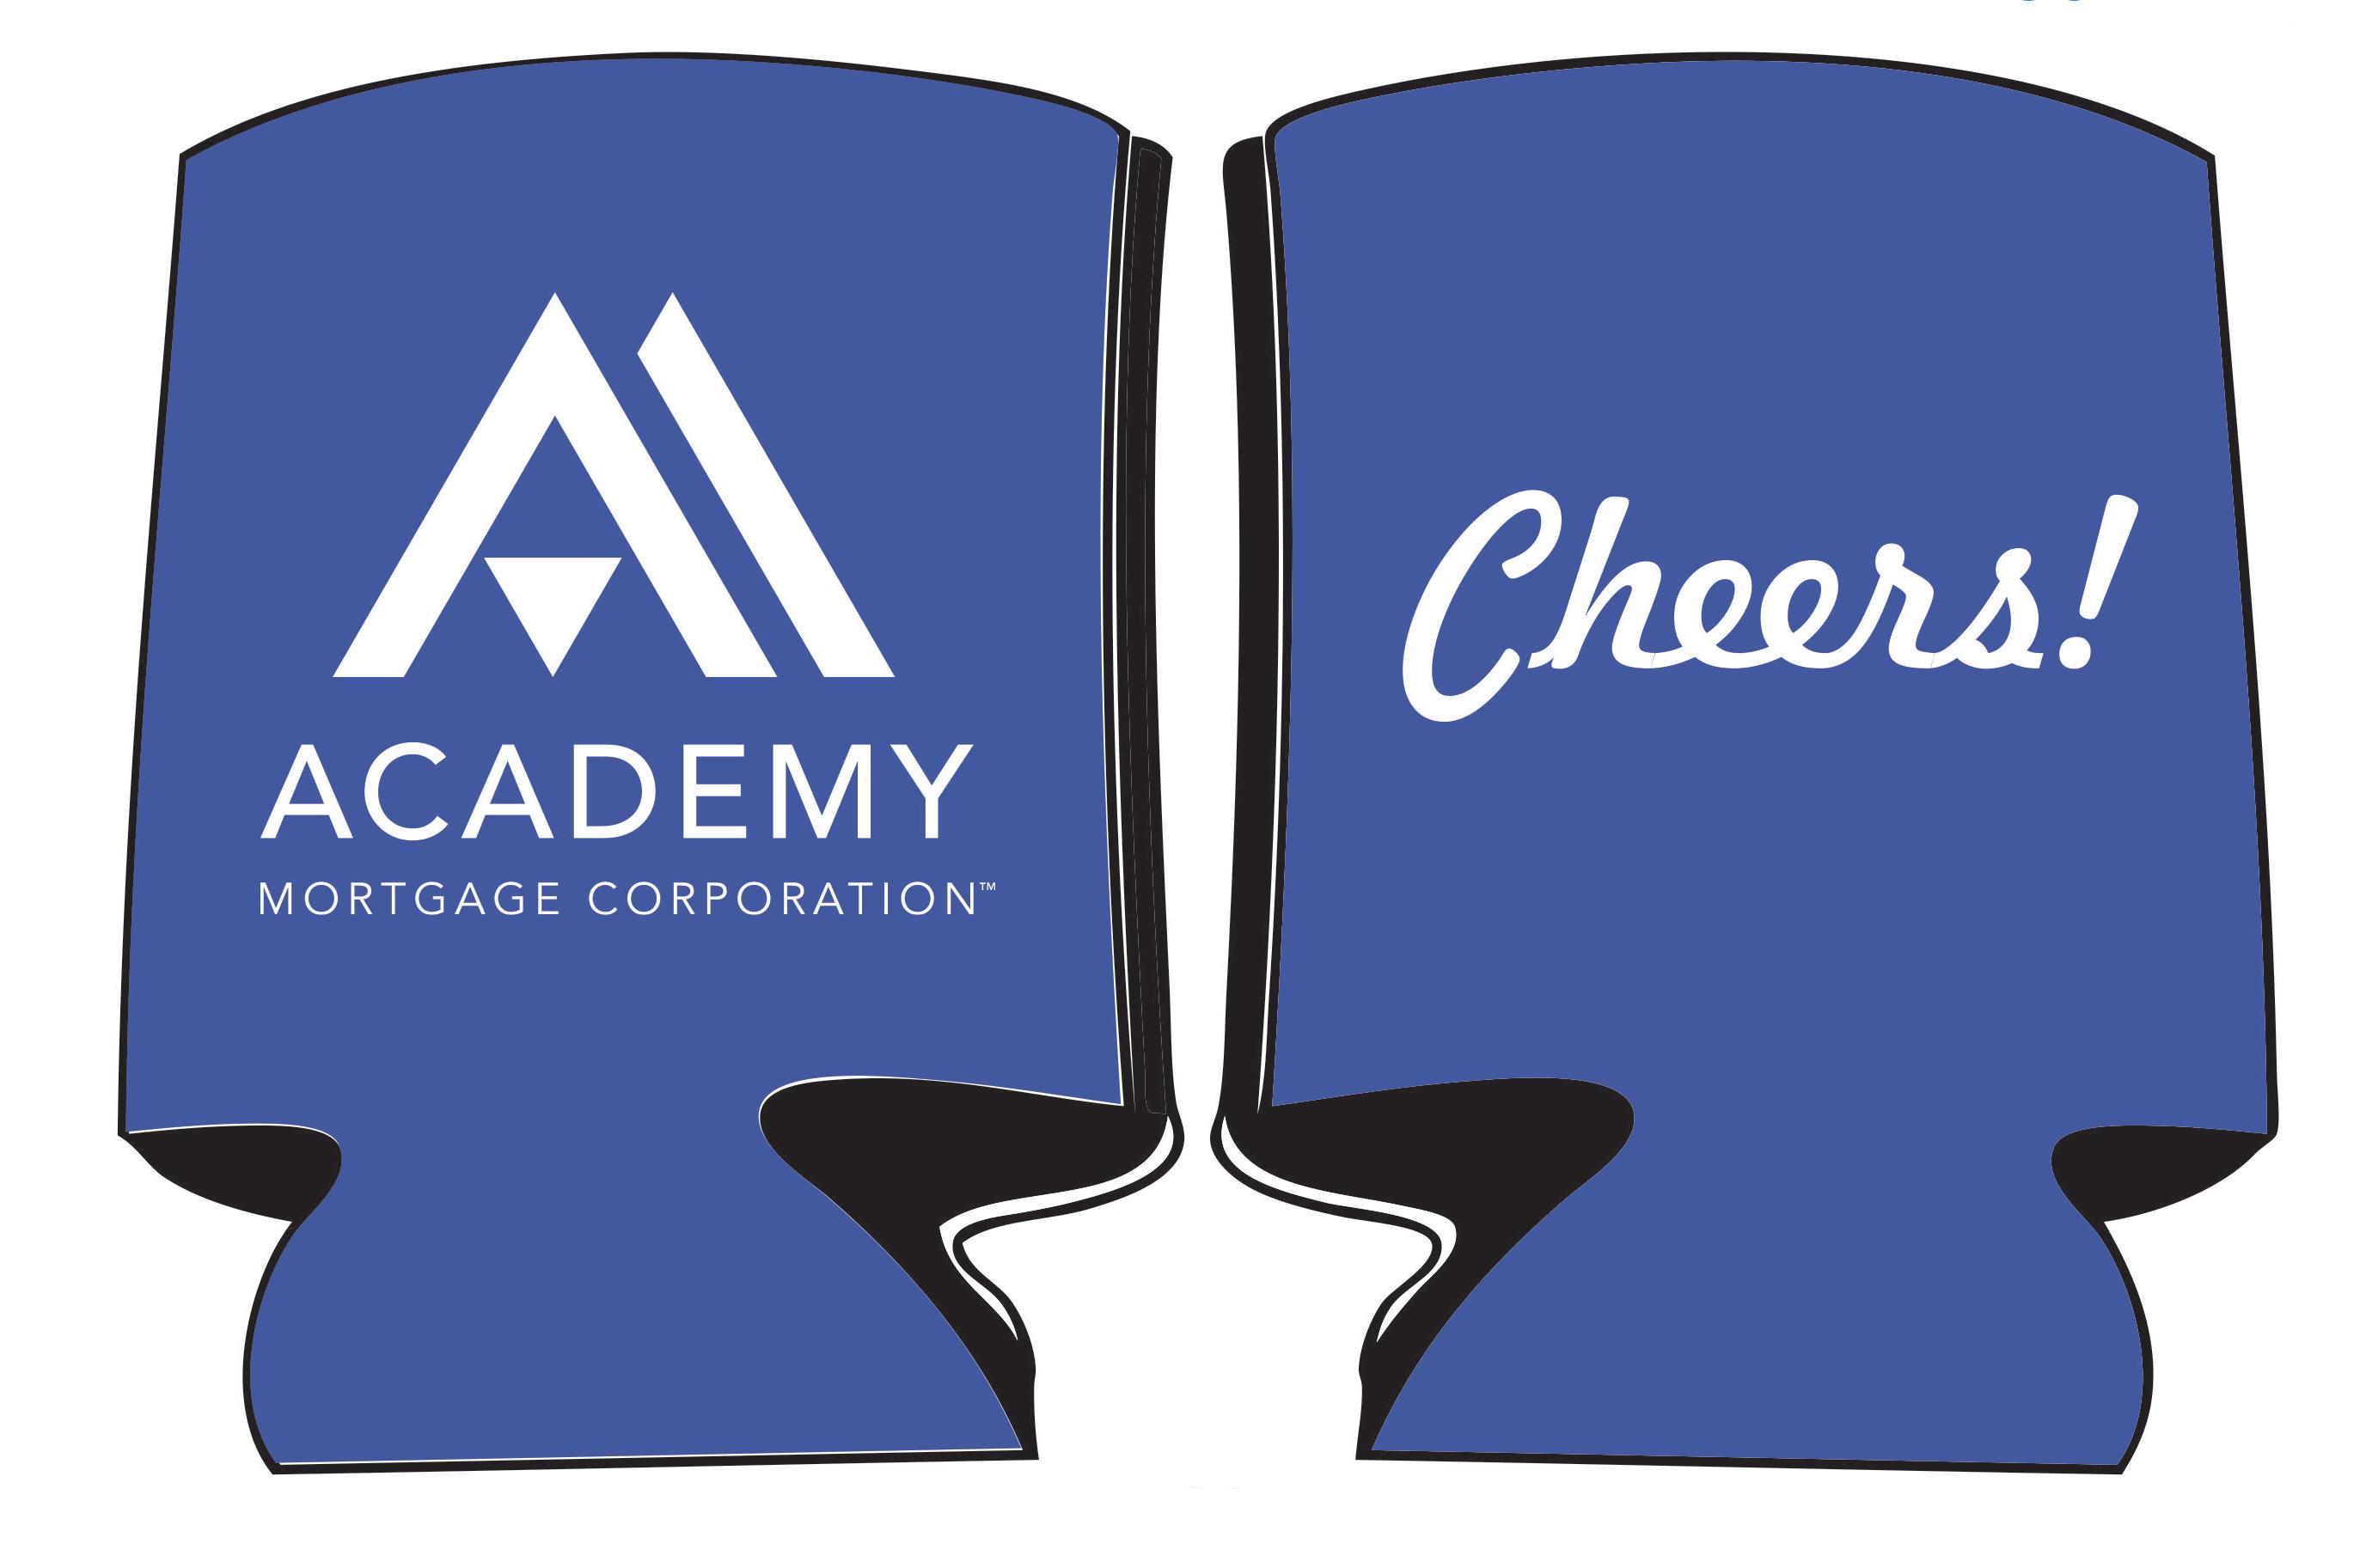 Academy Koozie